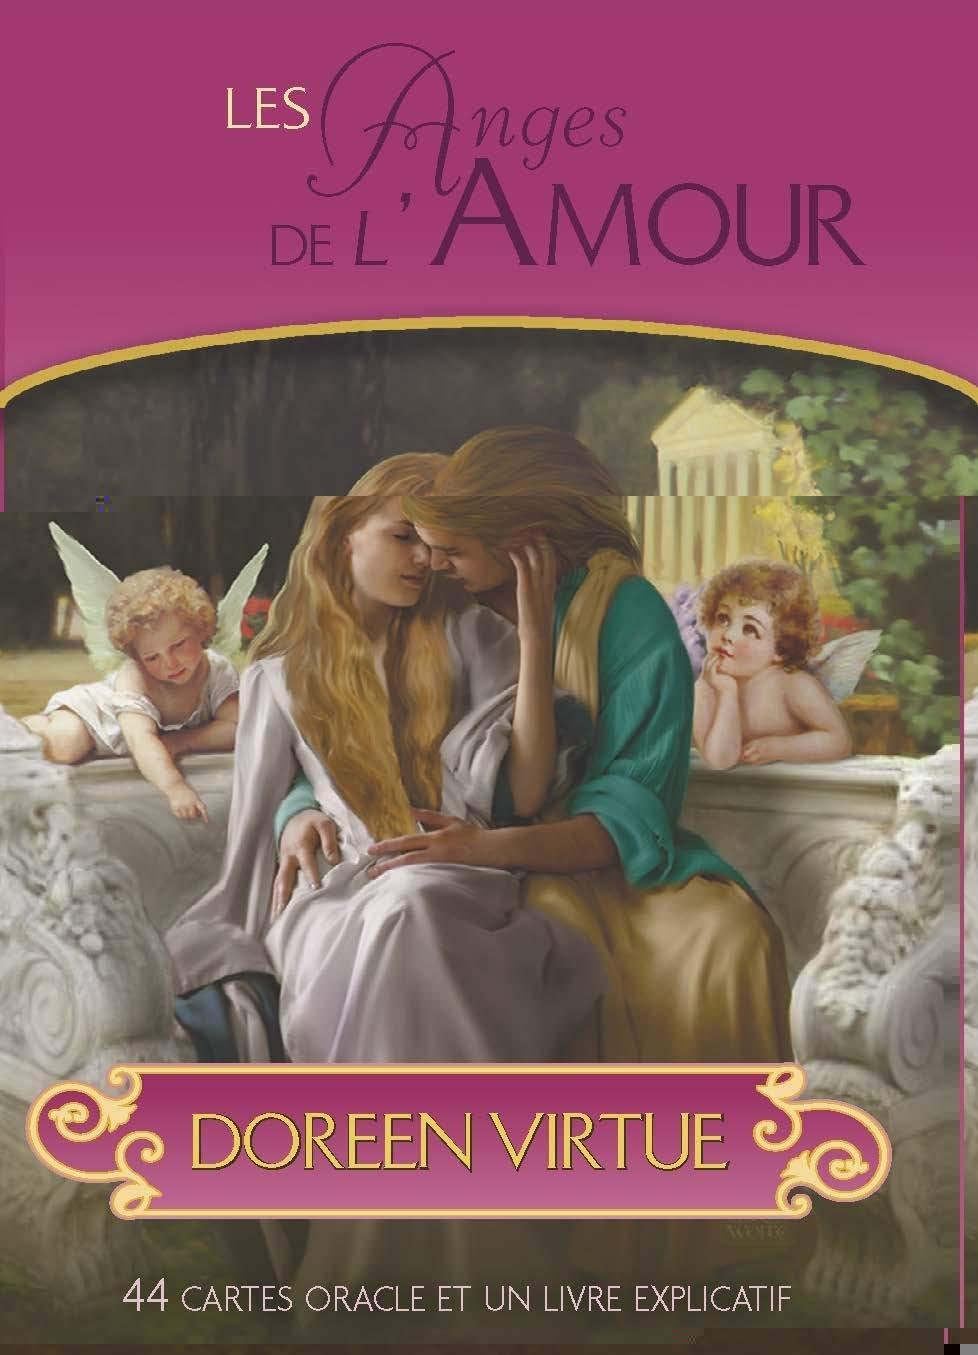 carte des anges amour Amazon.com: Les Anges de l'Amour : 44 cartes oracle et un livre